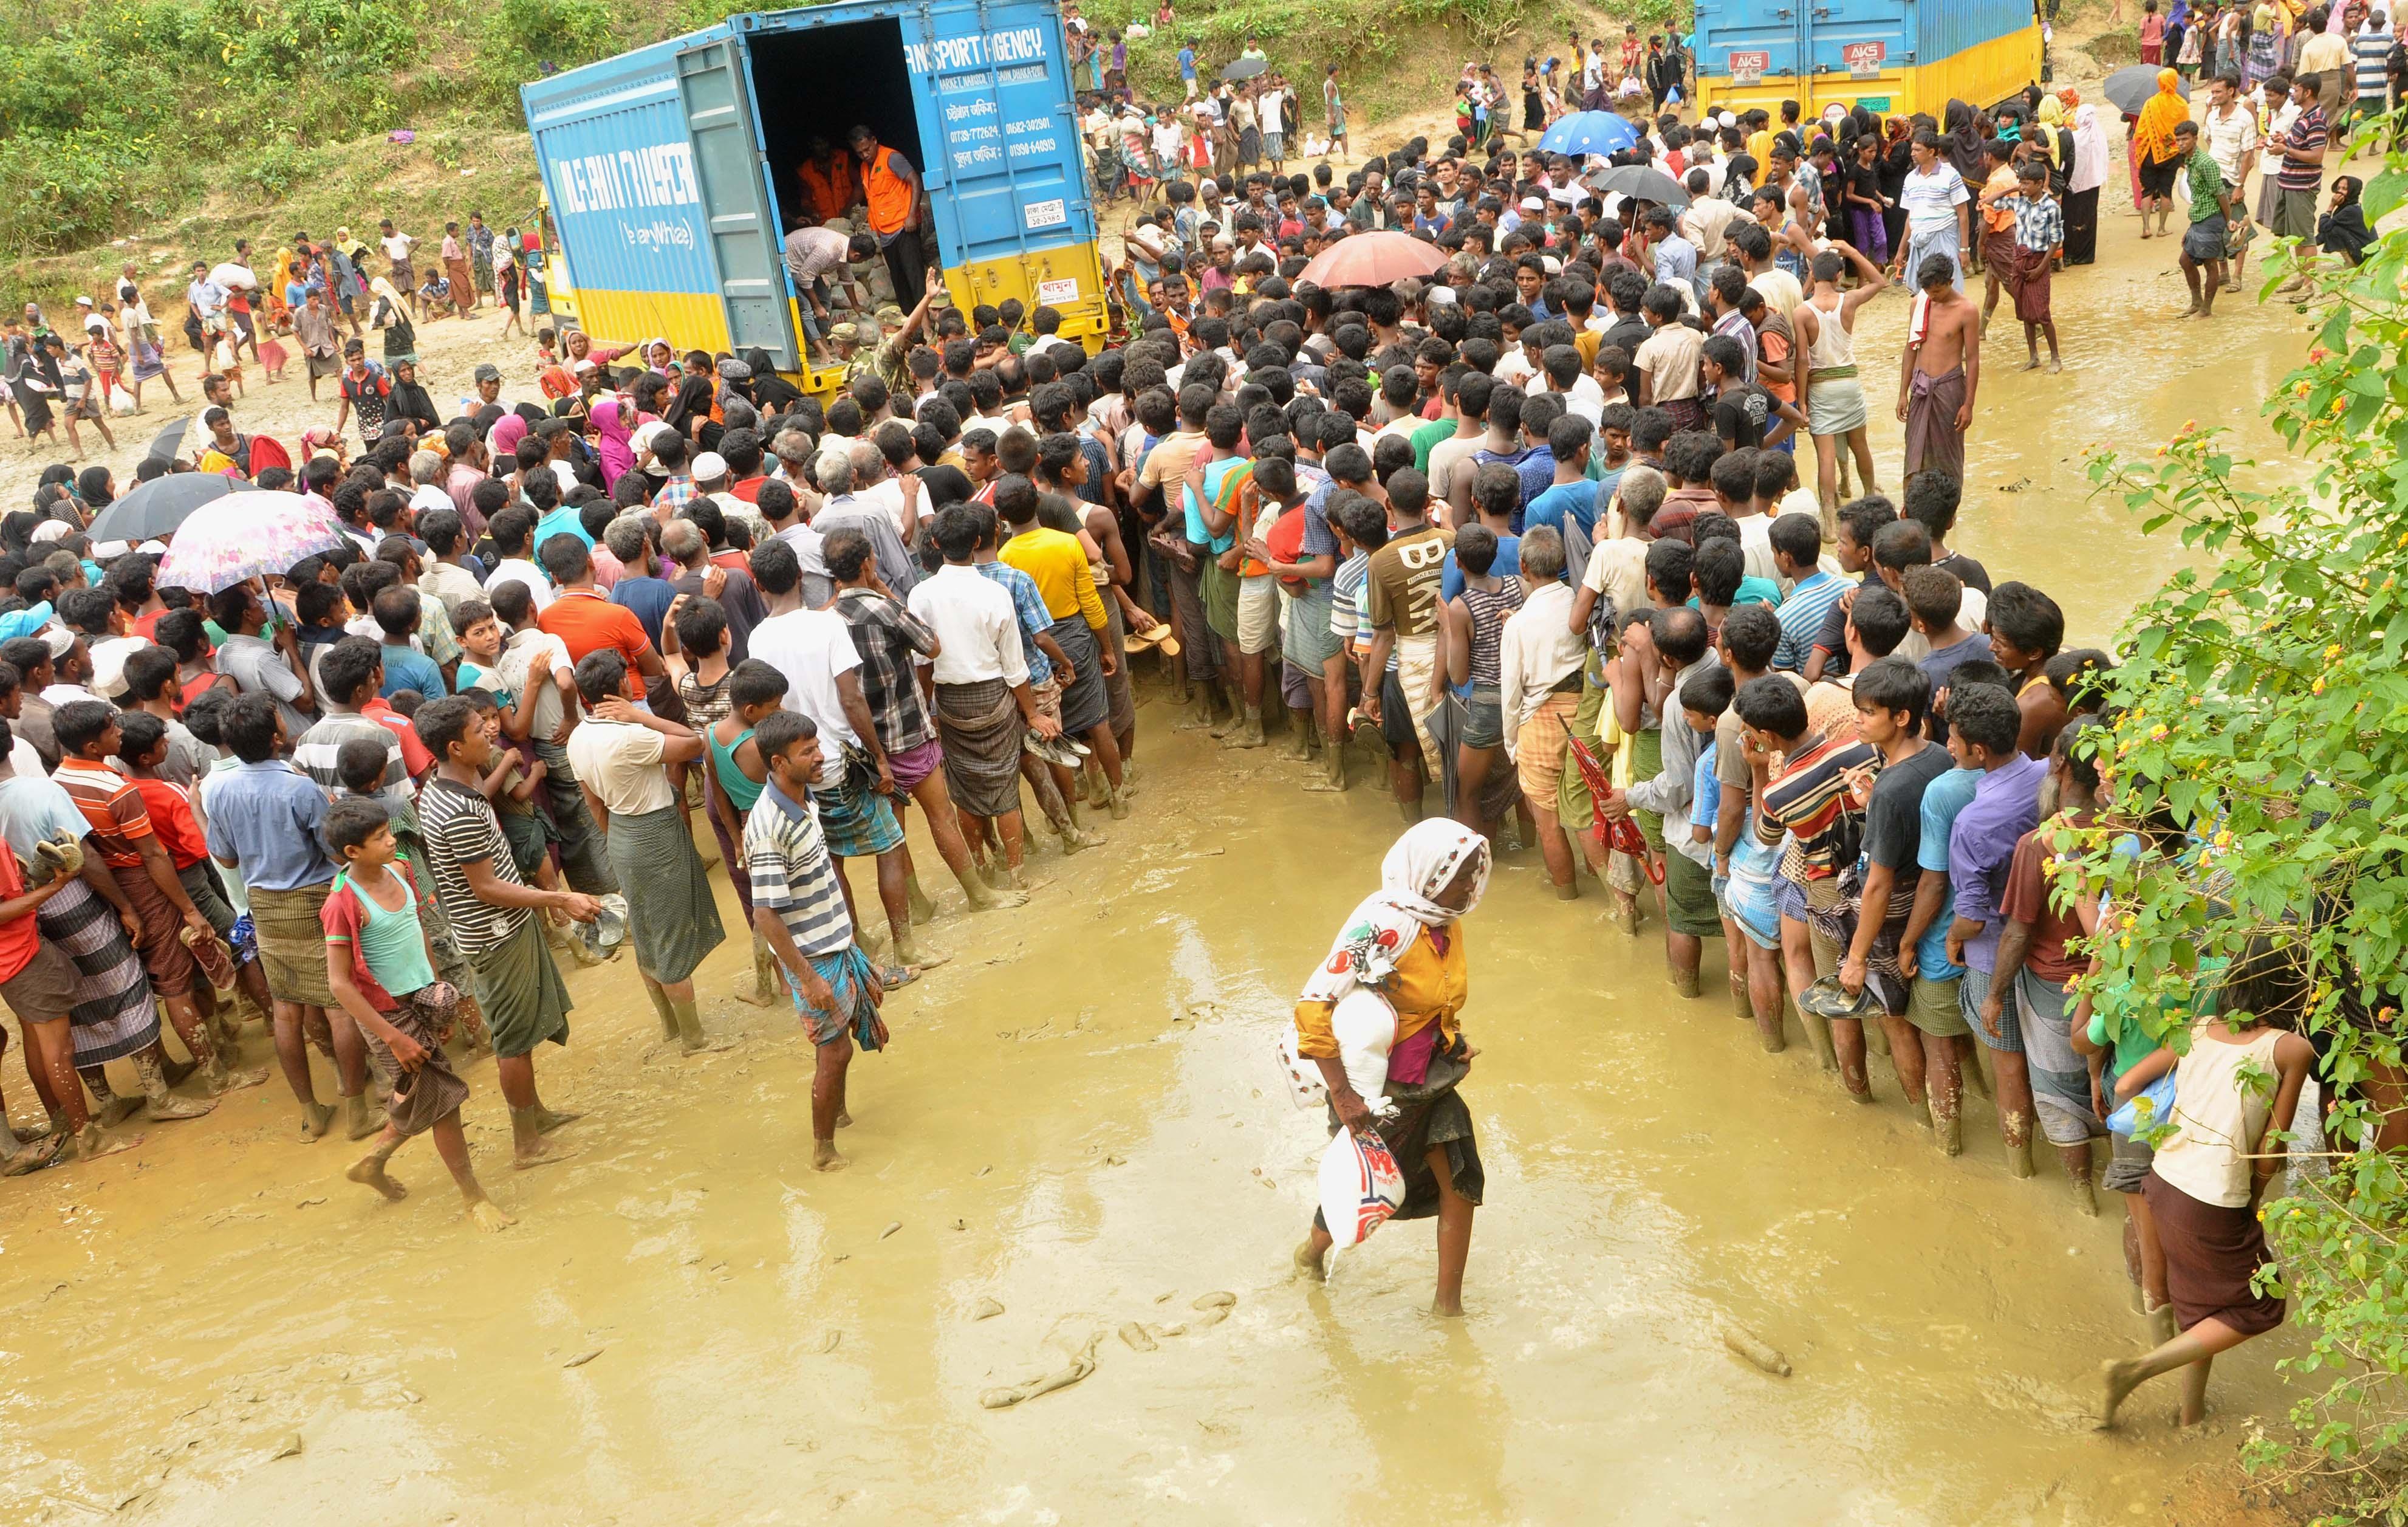 চুক্তি সই- দুই বছরে রোহিঙ্গাদের ফিরিয়ে নেবে মিয়ানমার